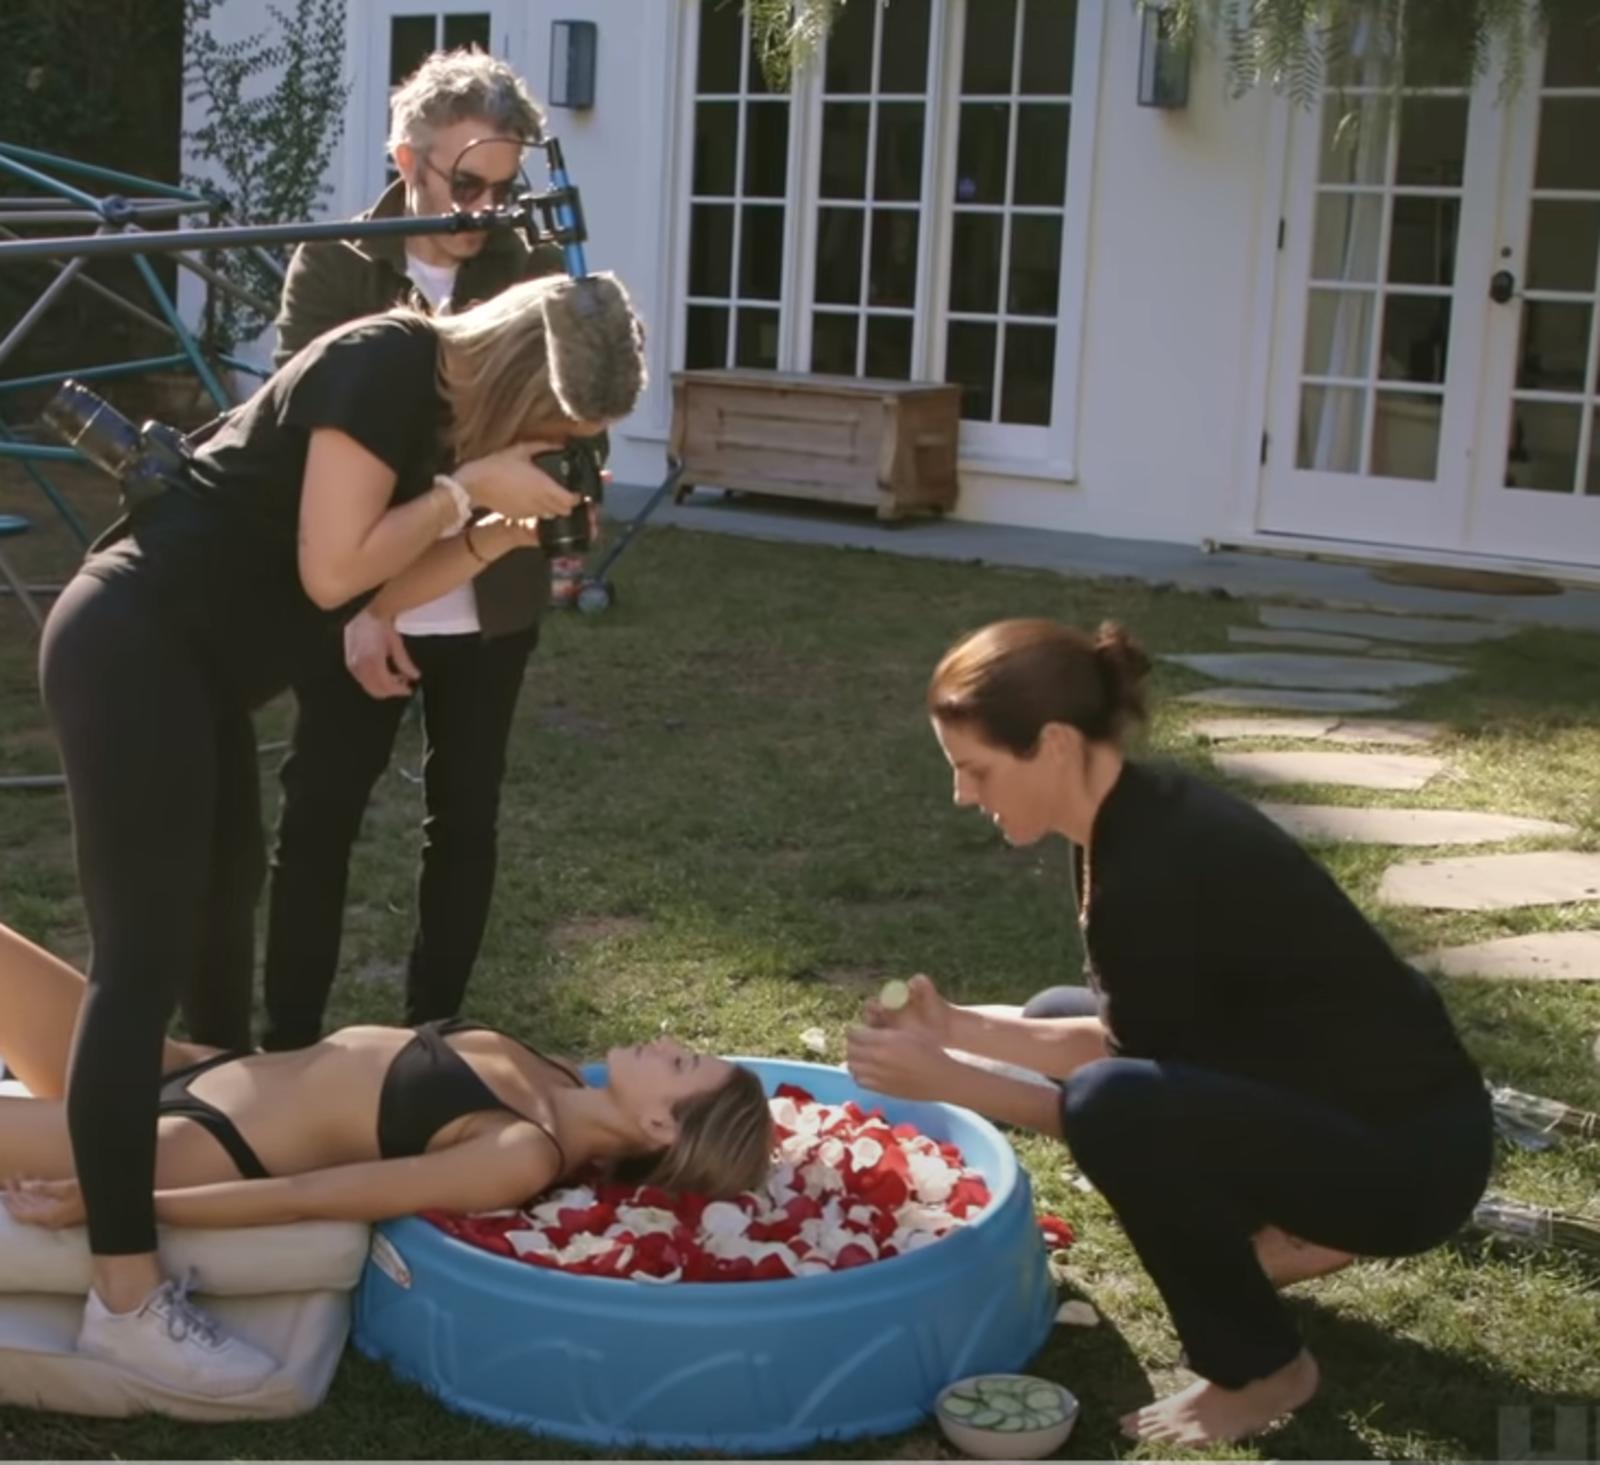 """Las sesiones de fotos profesionales ayudan a impulsar los perfiles de los protagonistas de """"Fake Famous""""."""